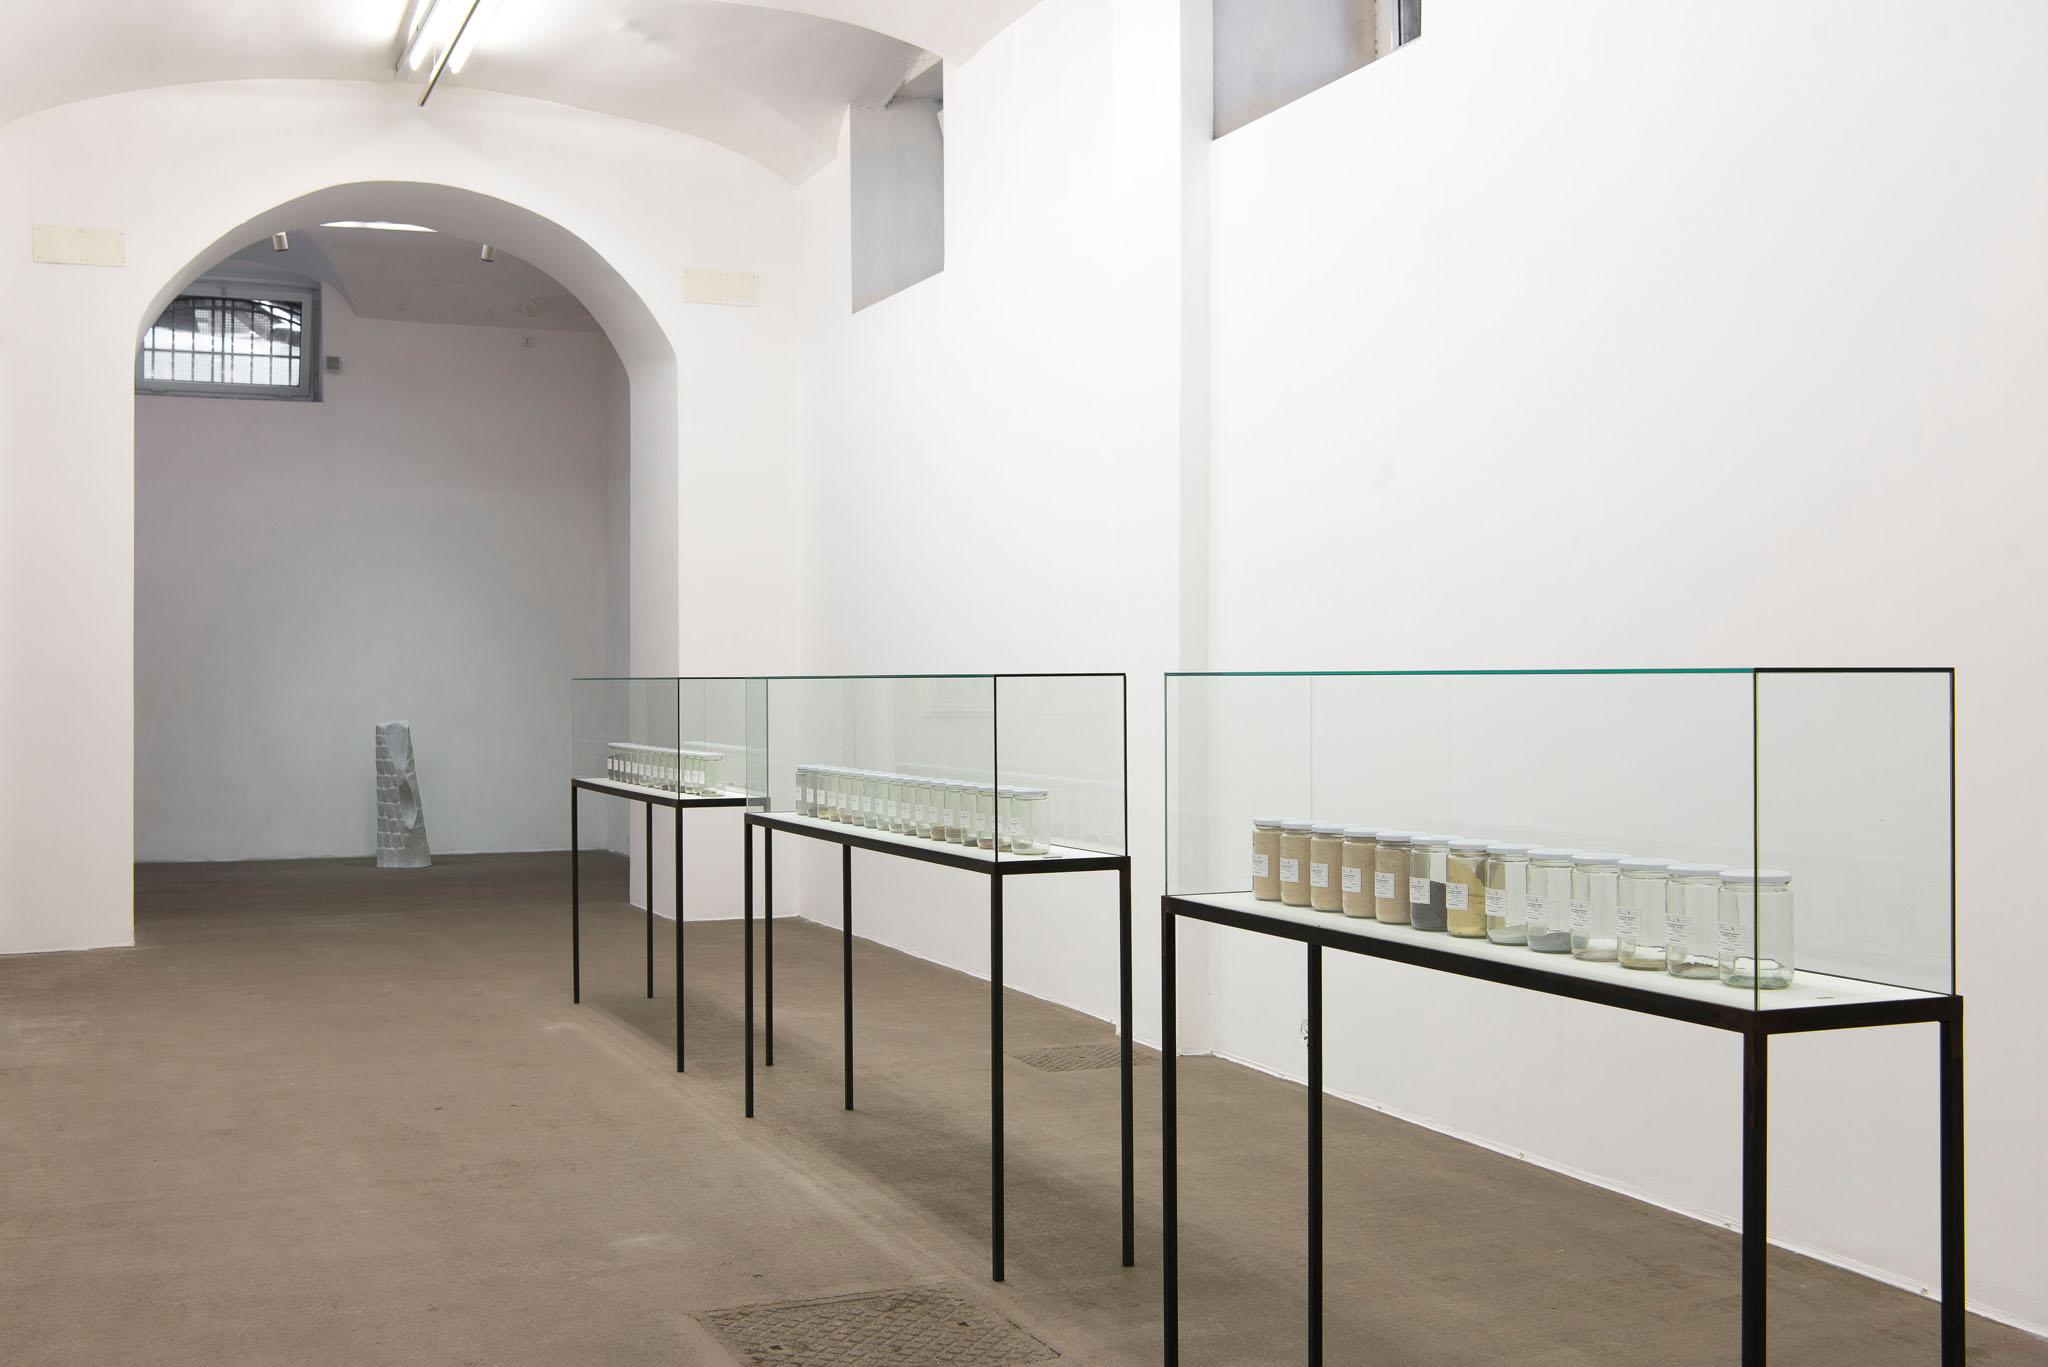 MATERIA, PER ORA Installation view; foto Giorgio Benni